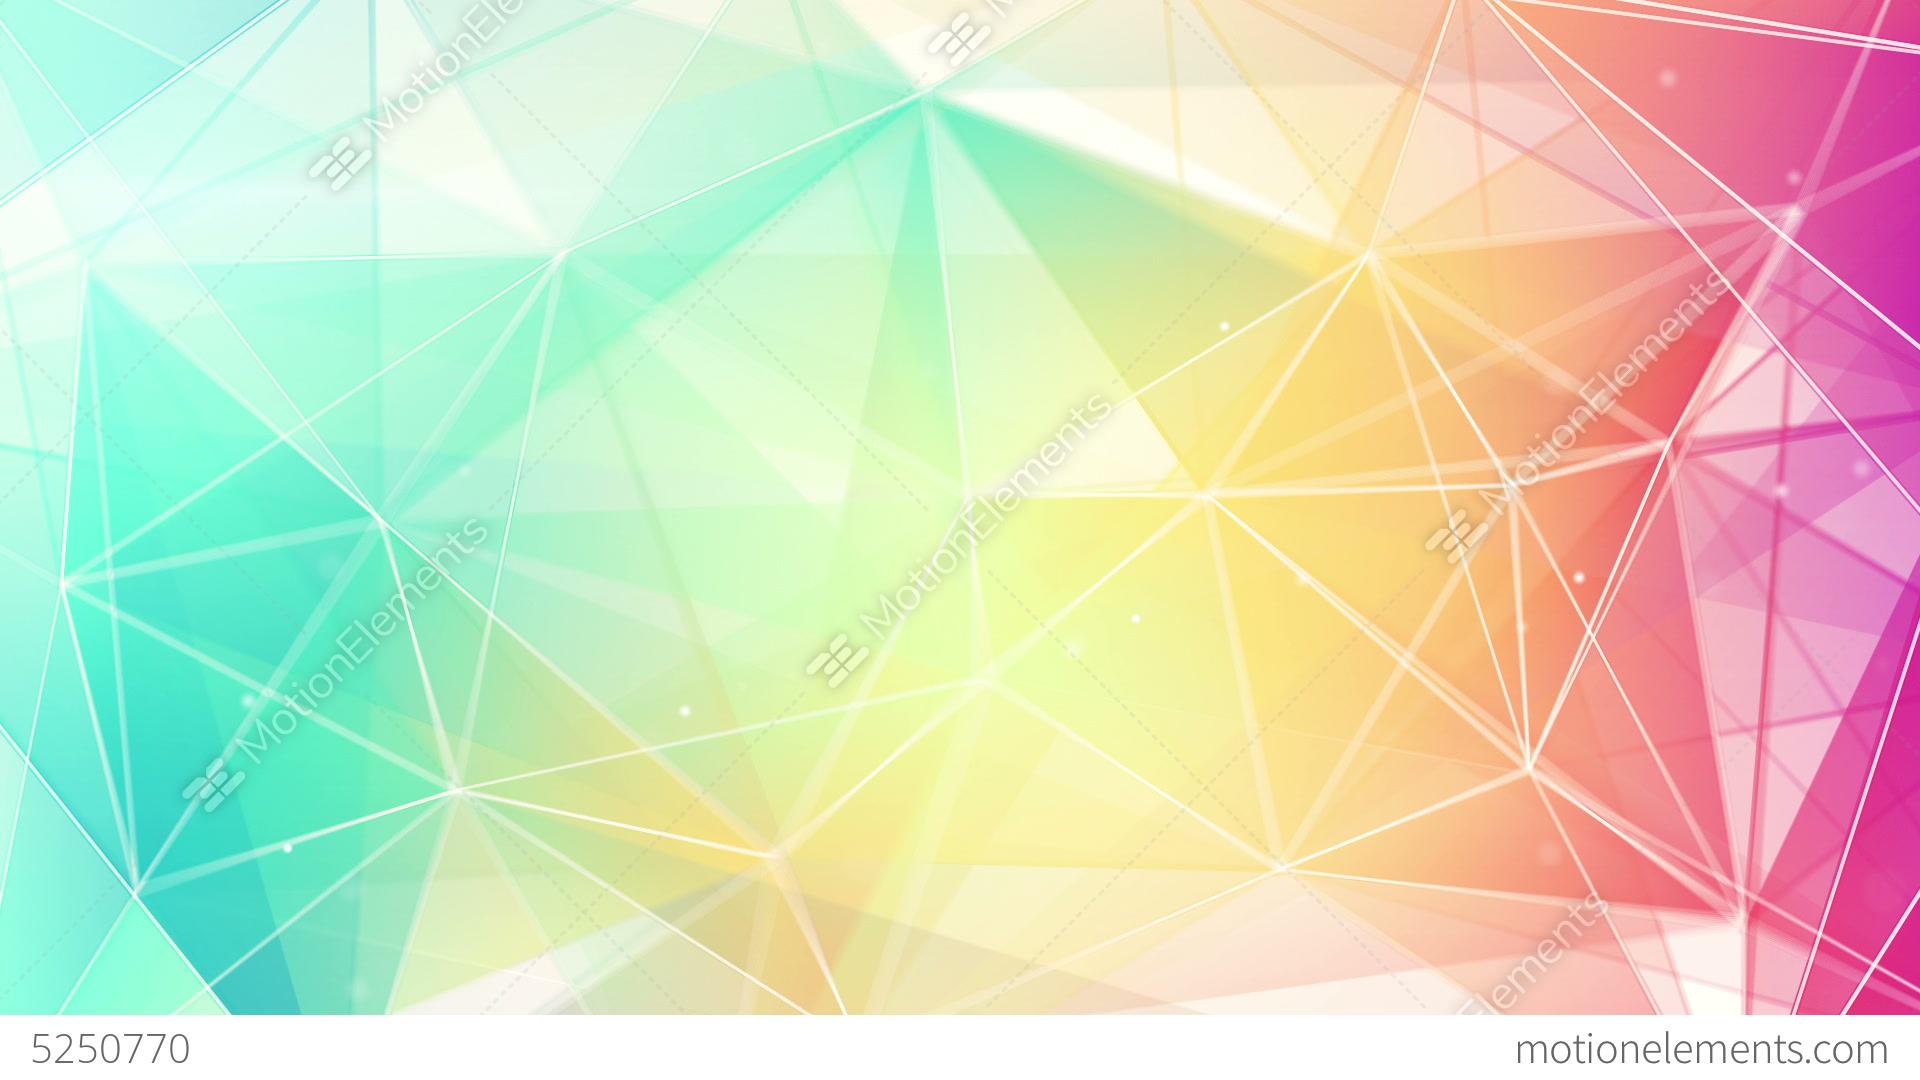 wallpaper hd 1080p 1920x1080 space